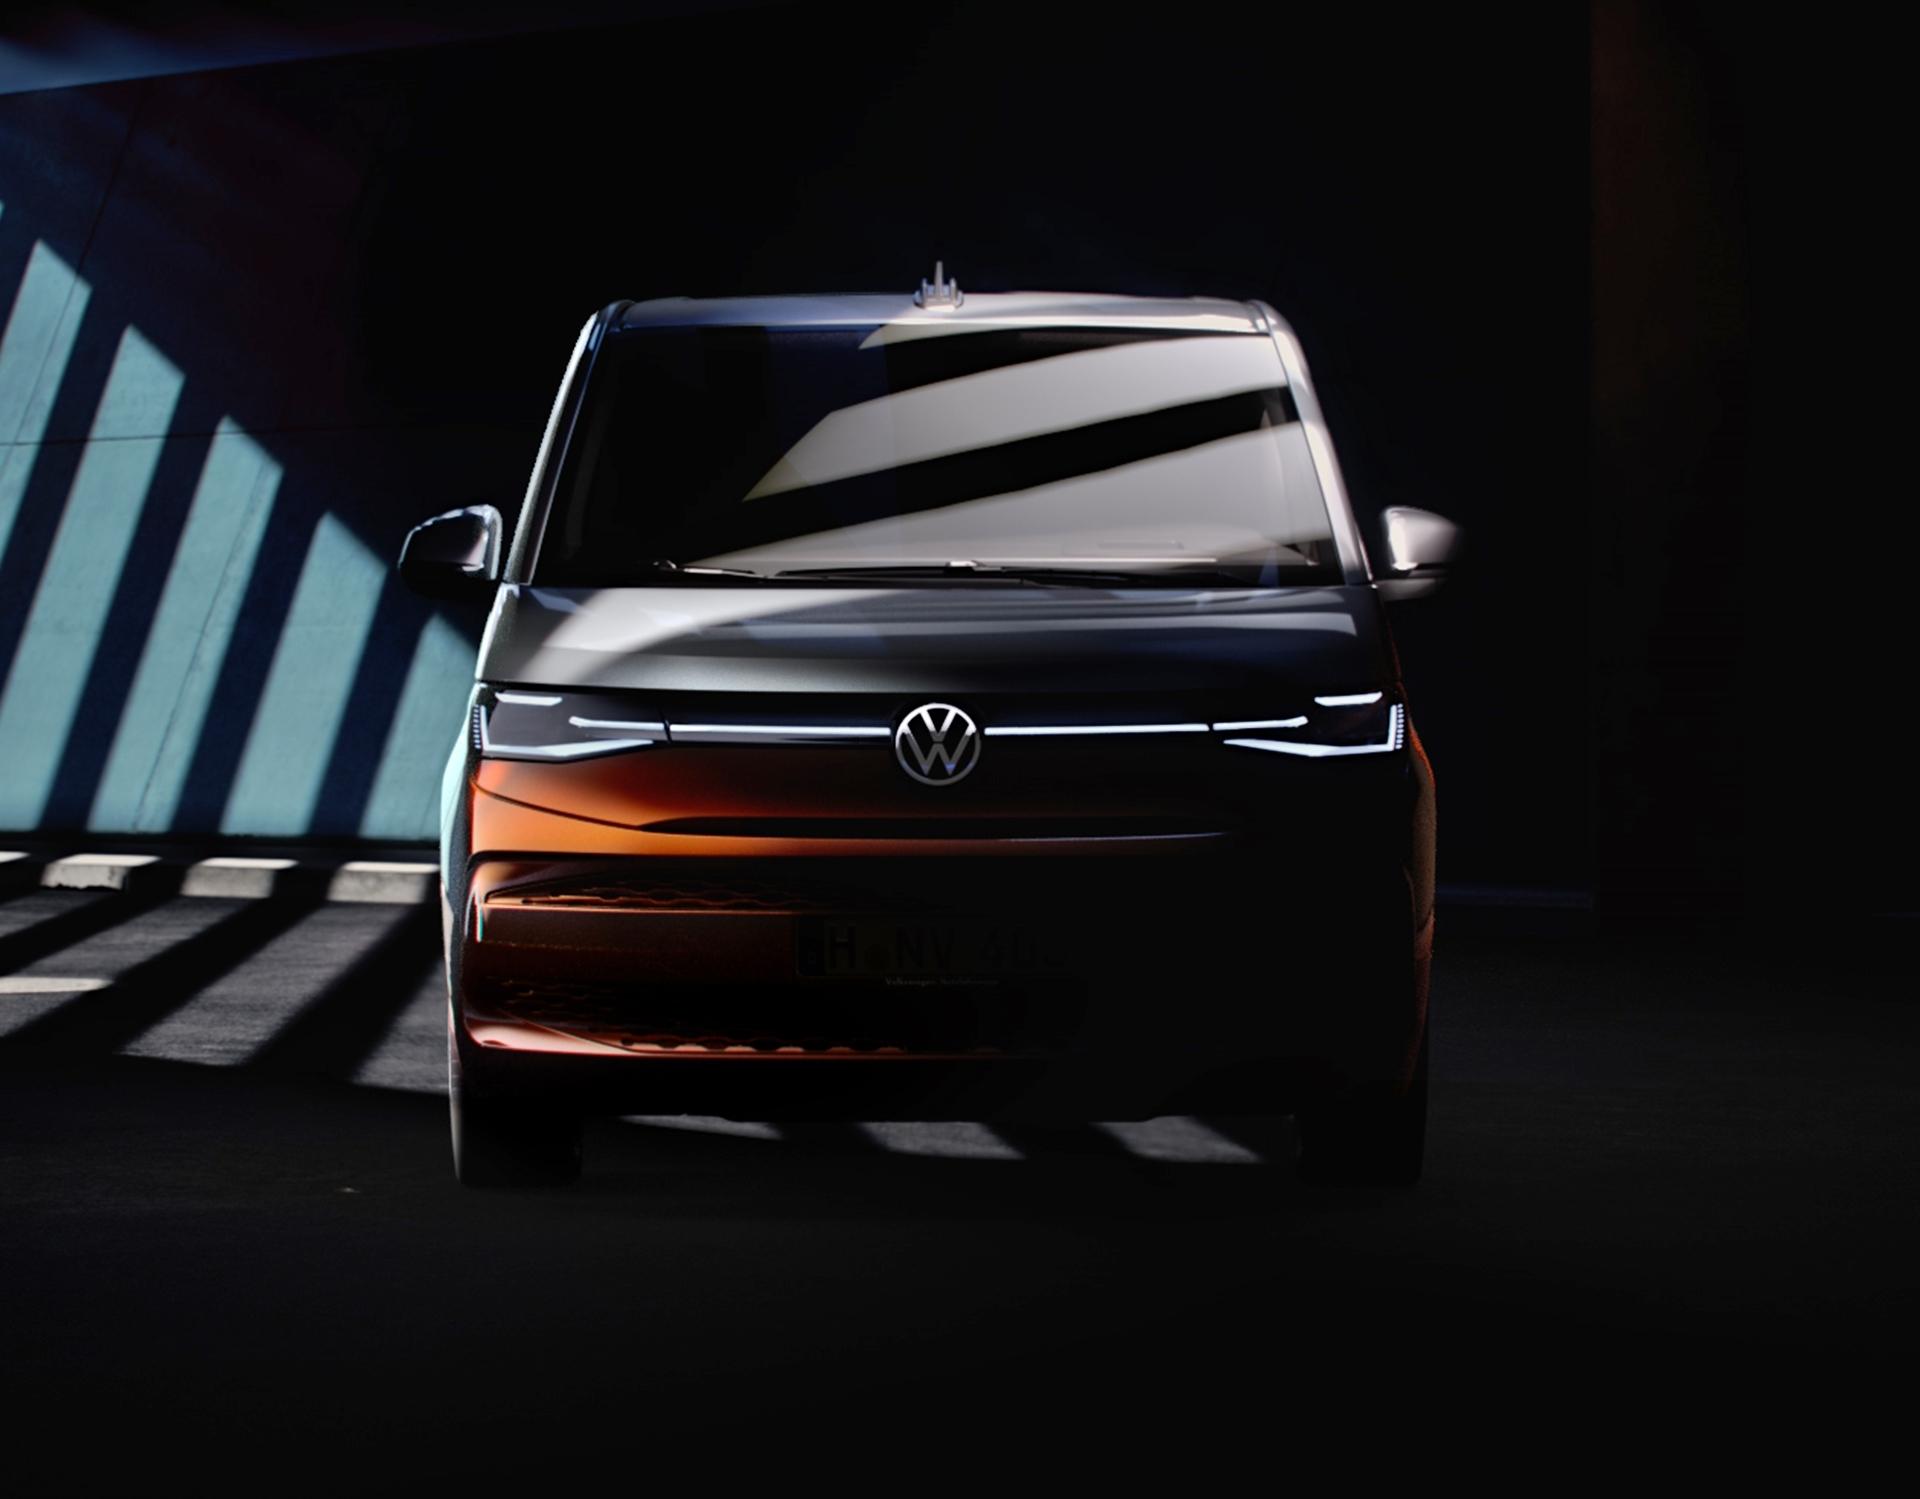 Volkswagen T7 Adelanto 0421 01